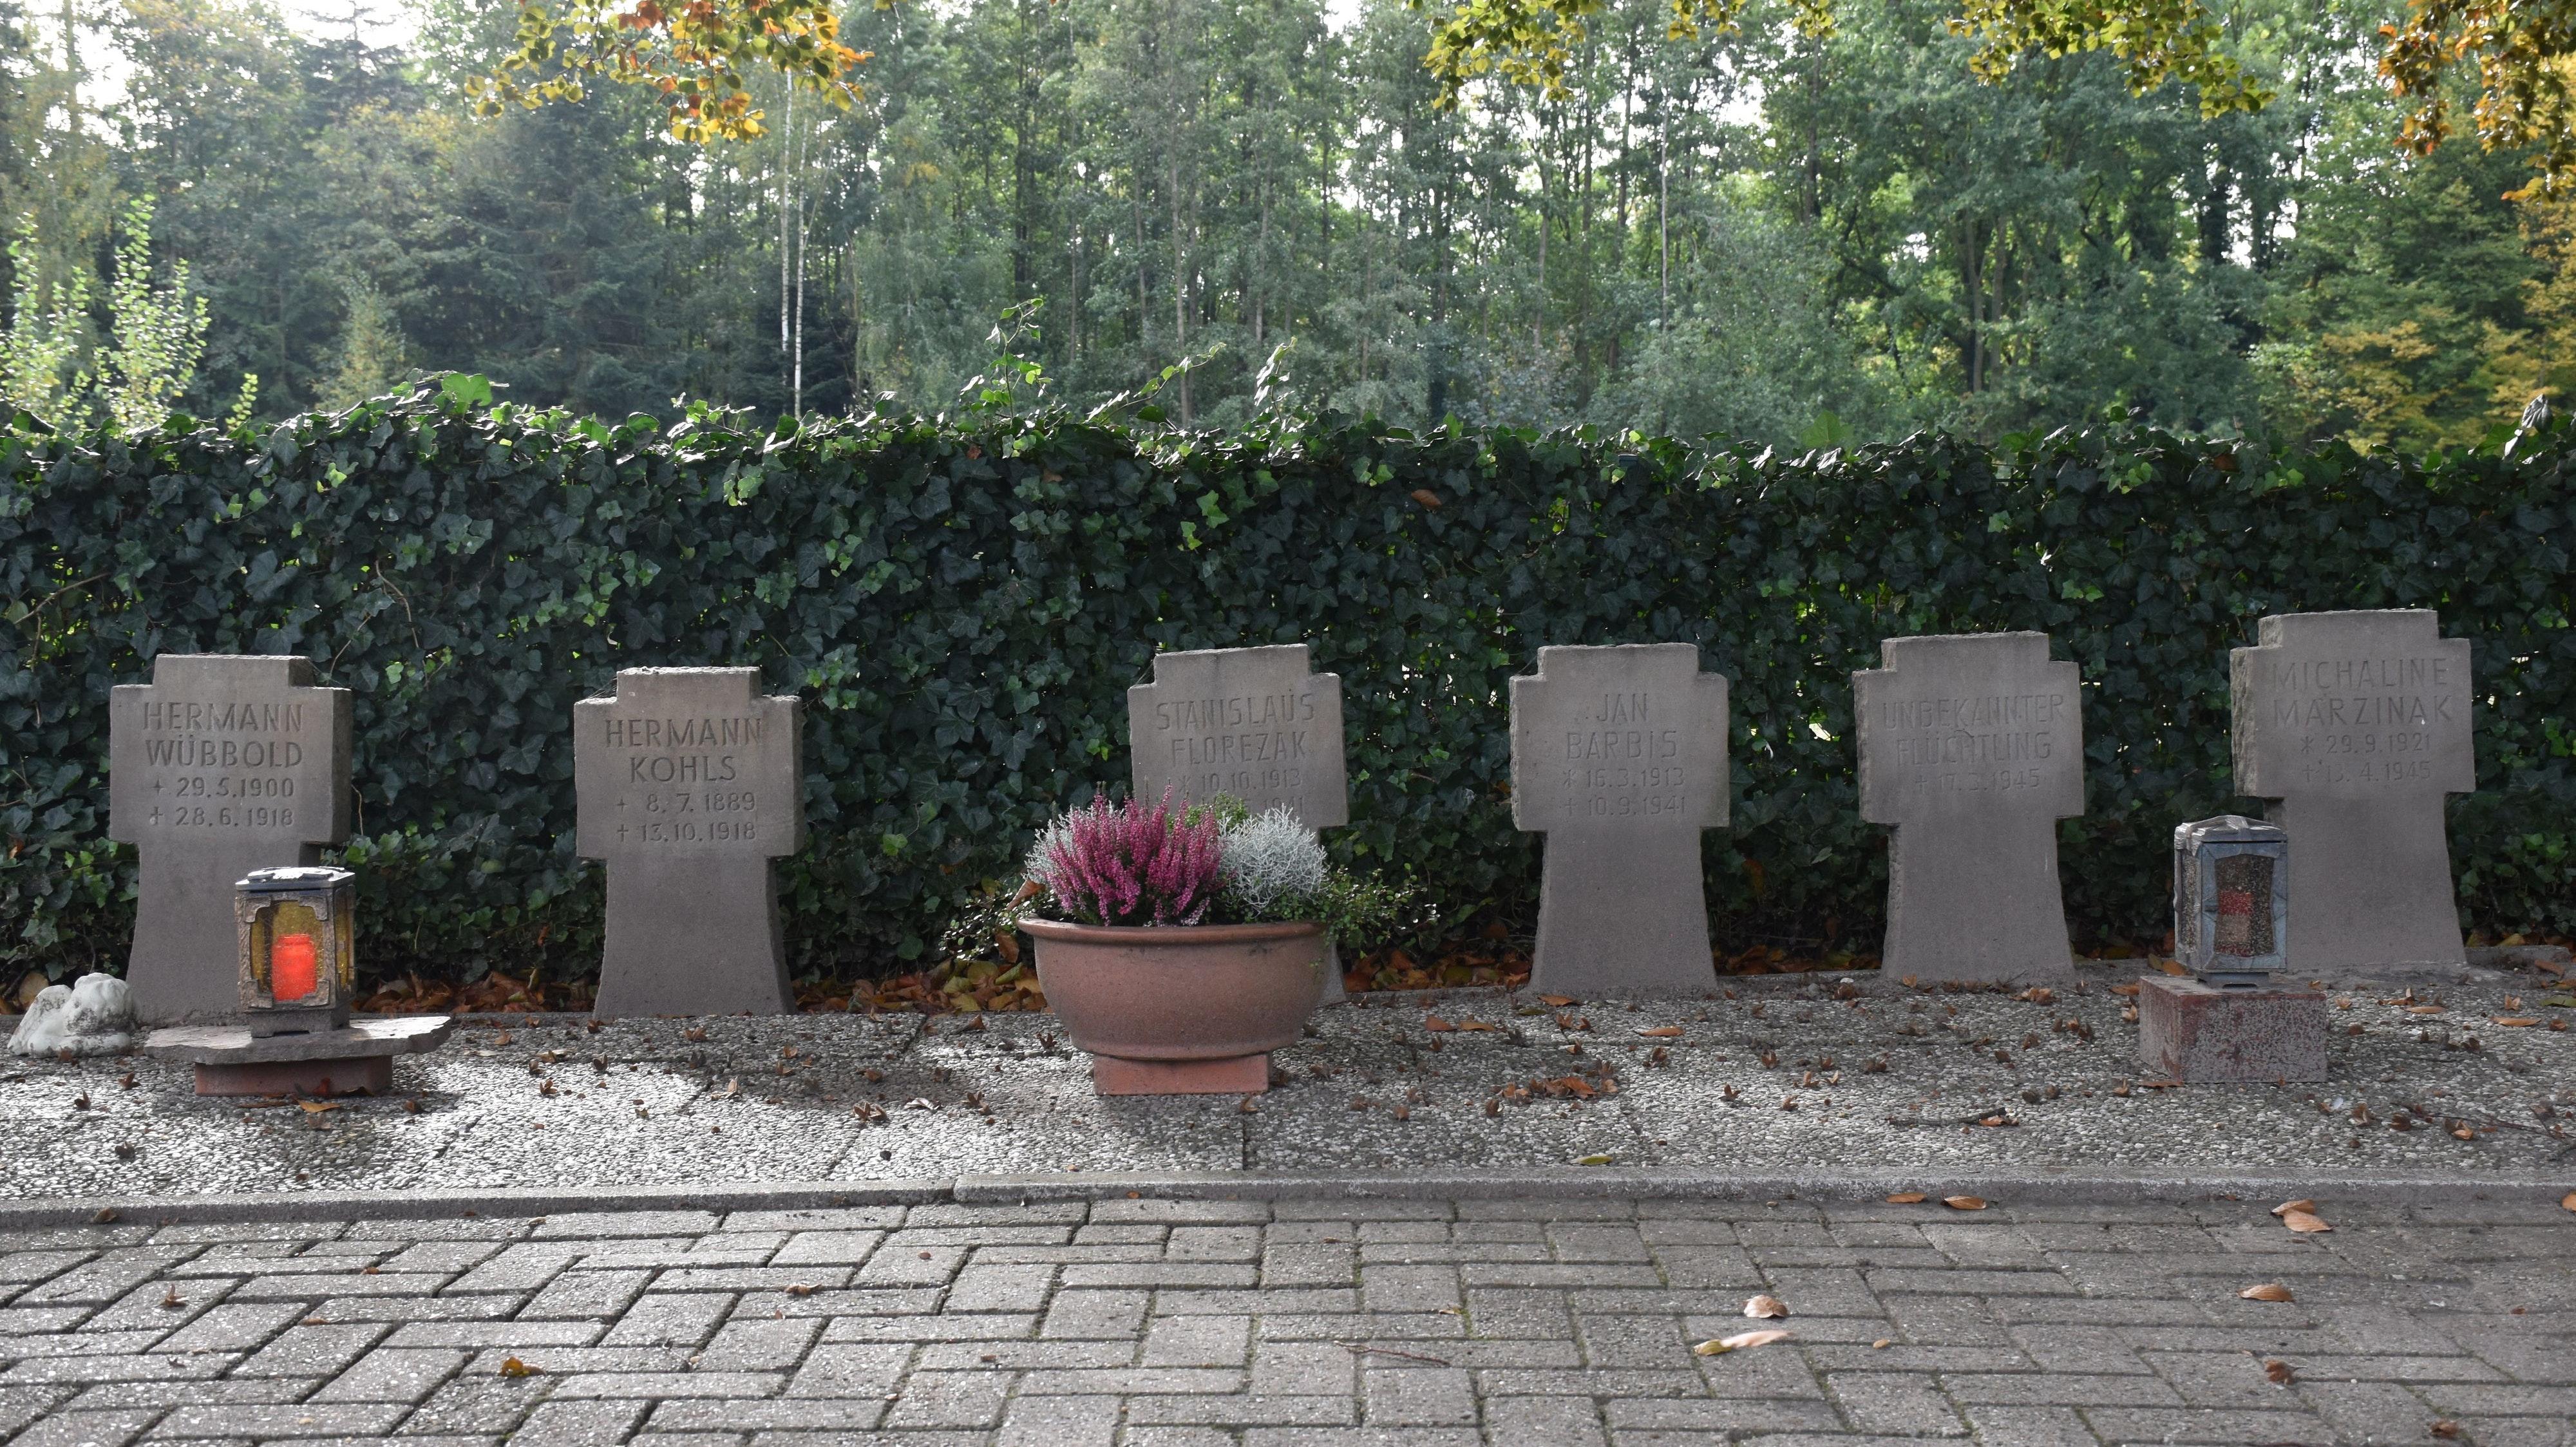 Die Witterung hat ihre Spuren hinterlassen: Der Zahn der Zeit nagt an den 6 Weltkriegsgräbern auf dem Goldenstedter Friedhof. Foto: Ferber <br>